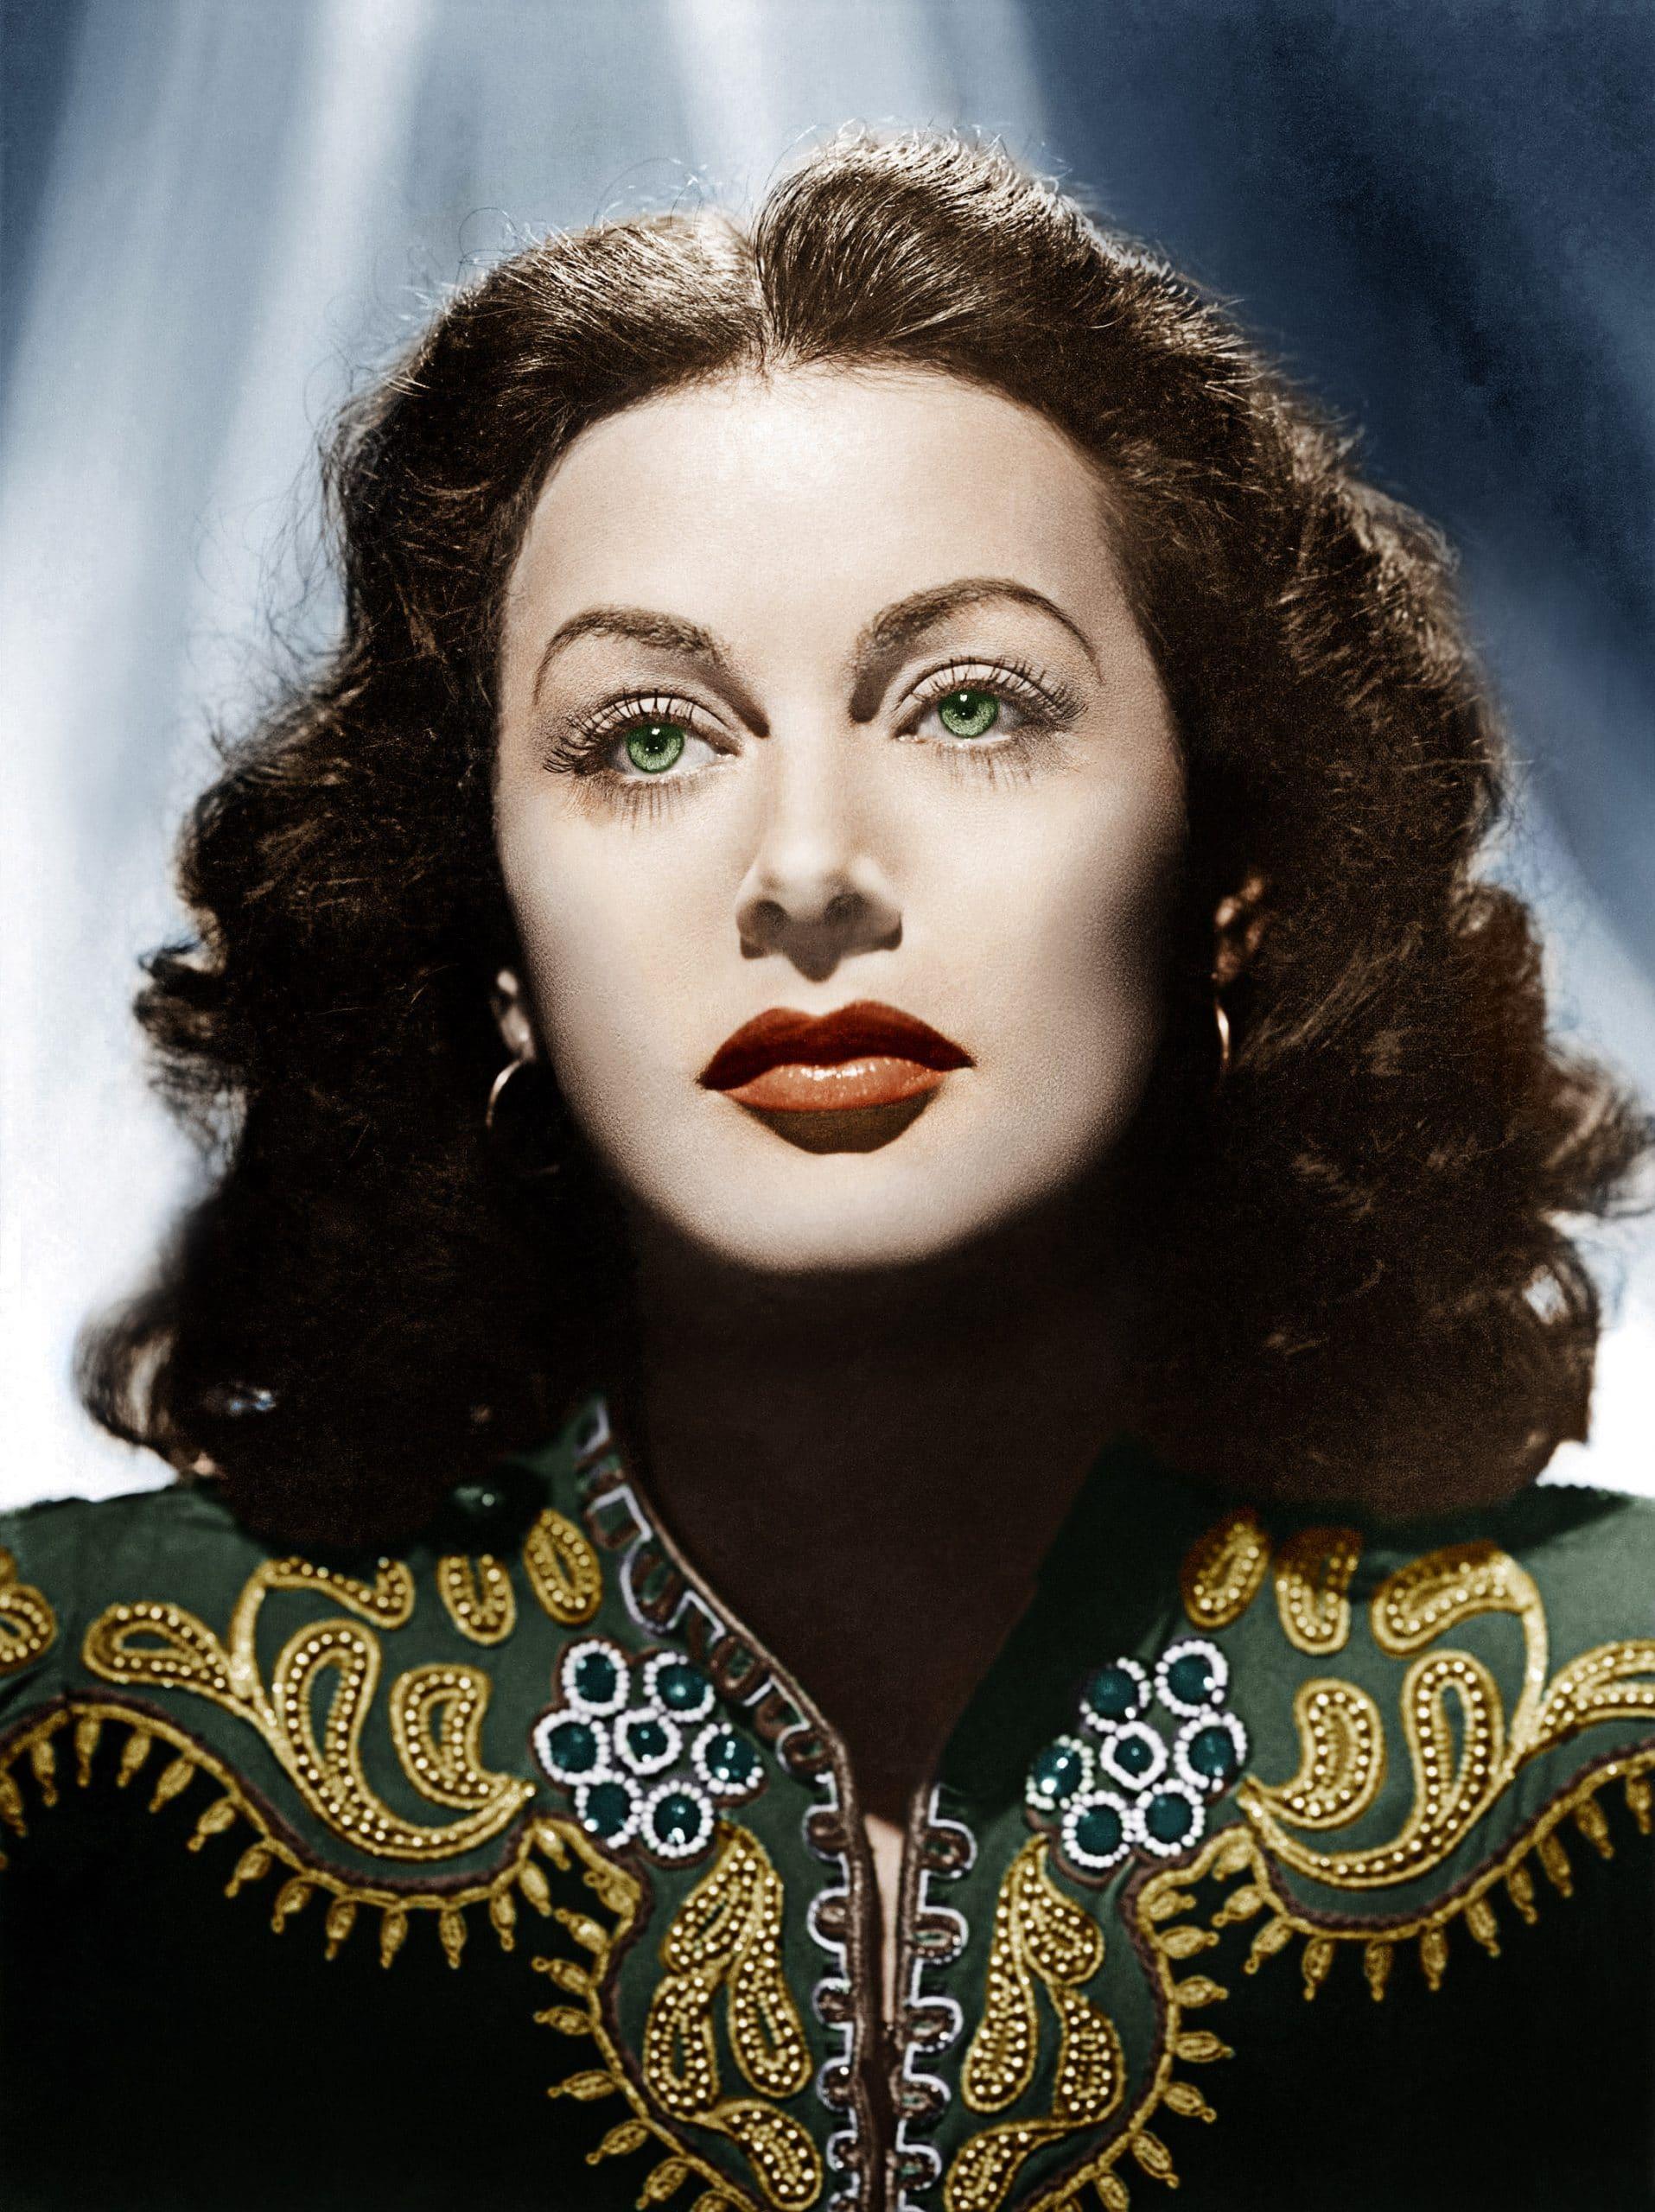 THE HEAVENLY BODY, Hedy Lamarr, 1944